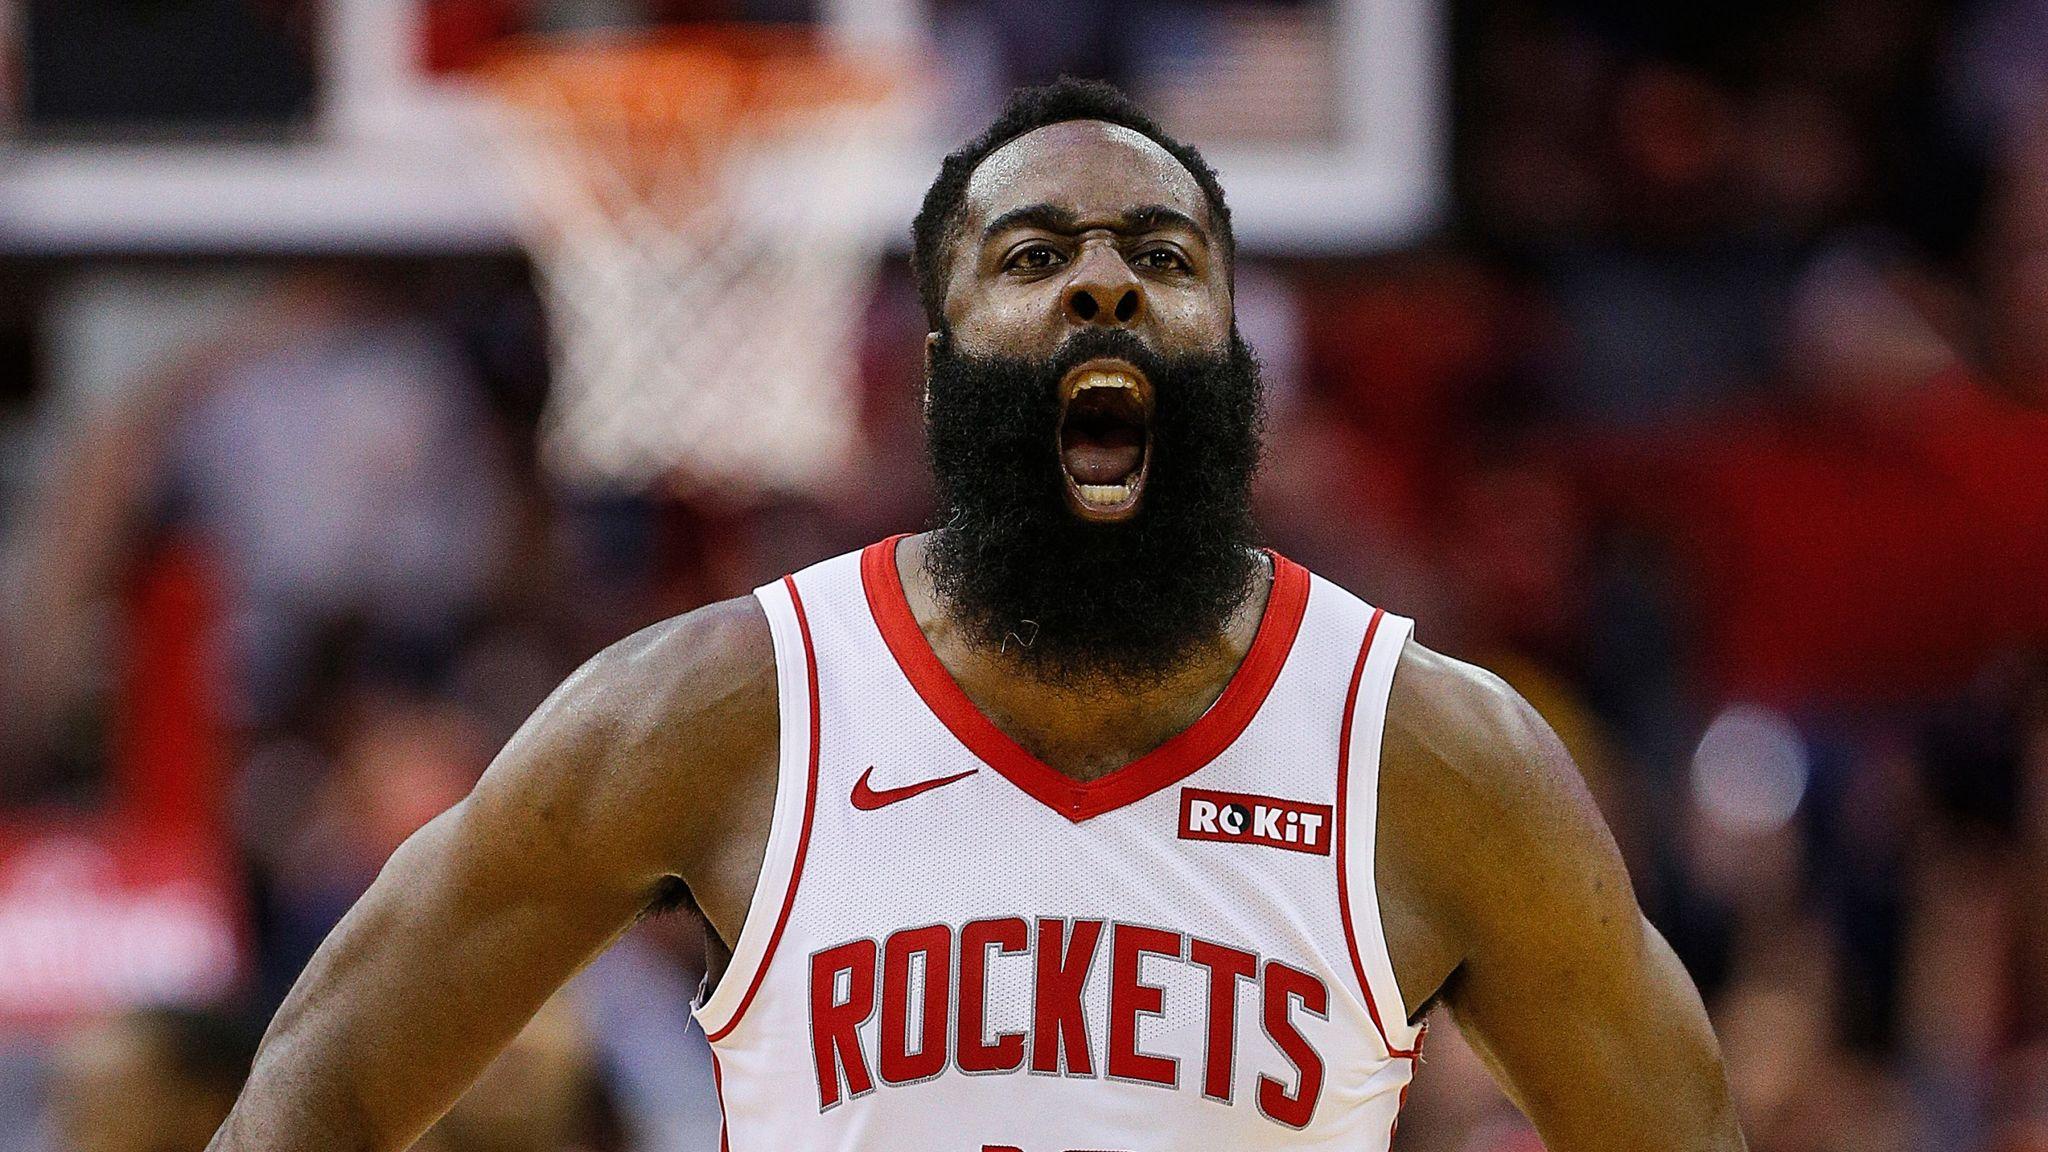 James Harden scores 47 as Houston Rockets defeat LA Clippers